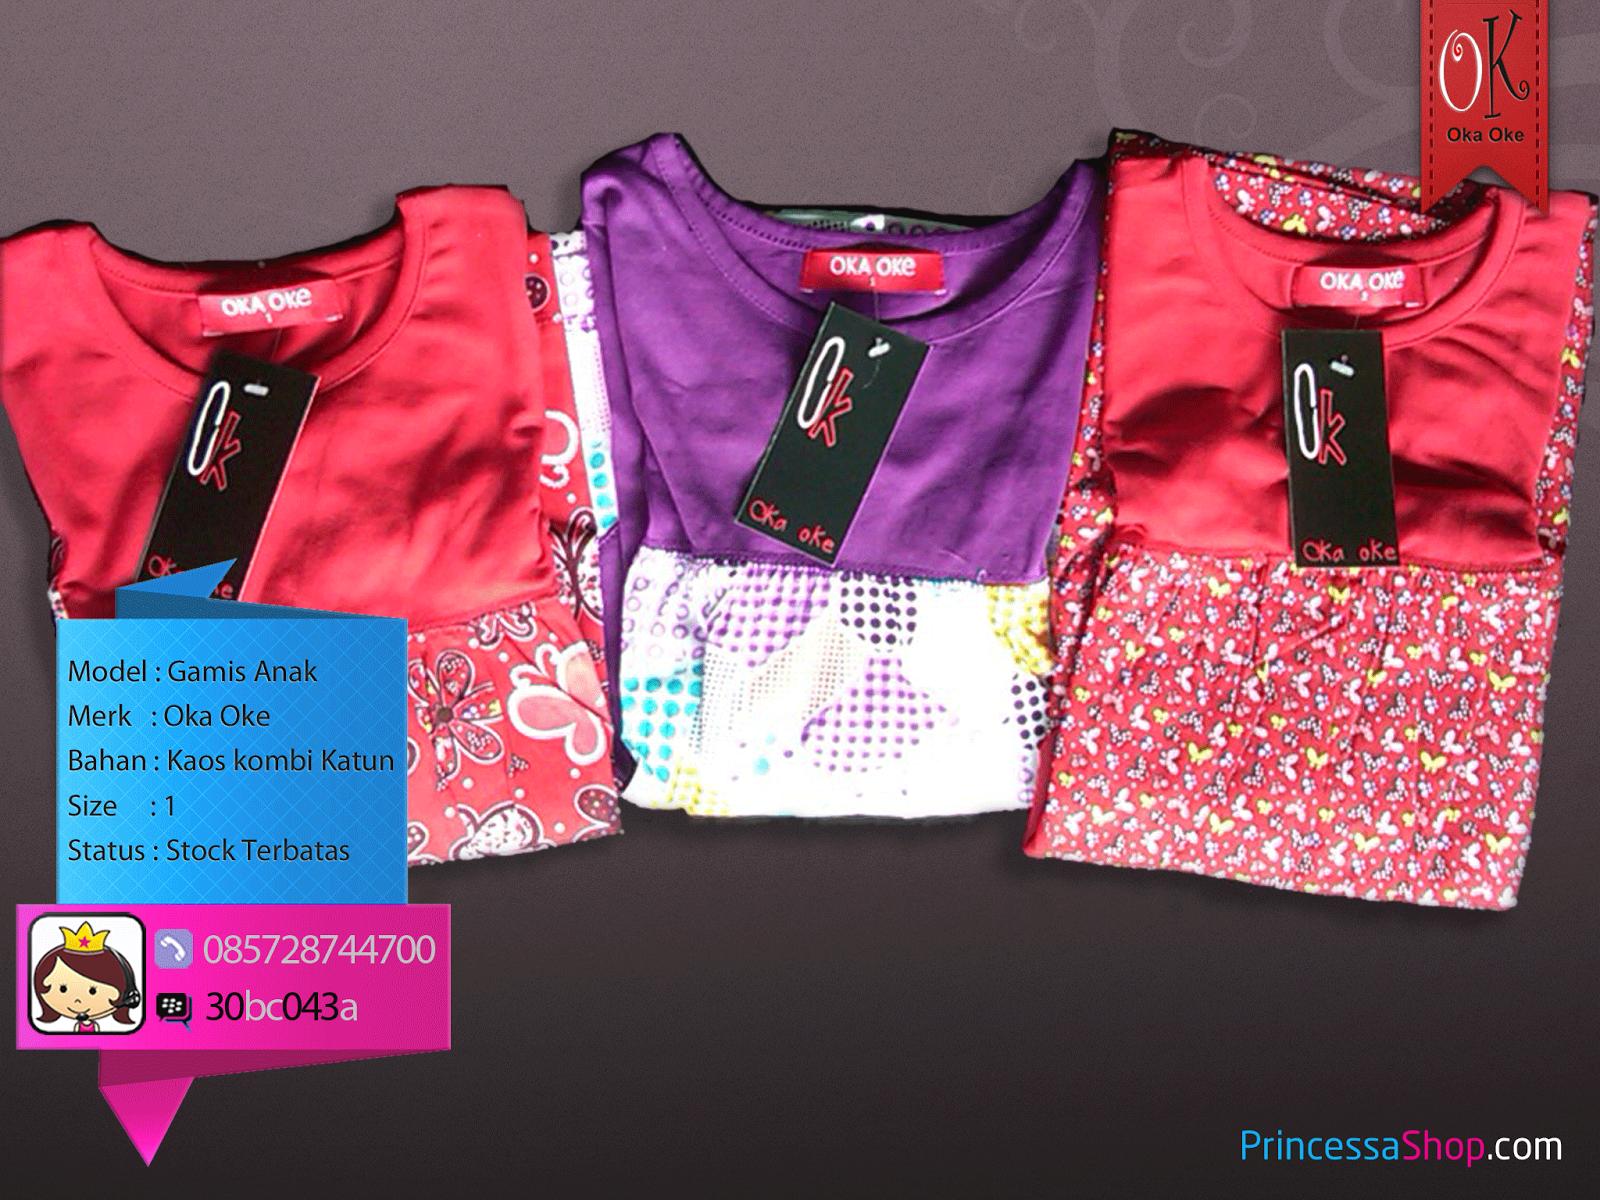 Baju Gamis Anak Model Terbaru Murah Dan Bagus Baju Gamis